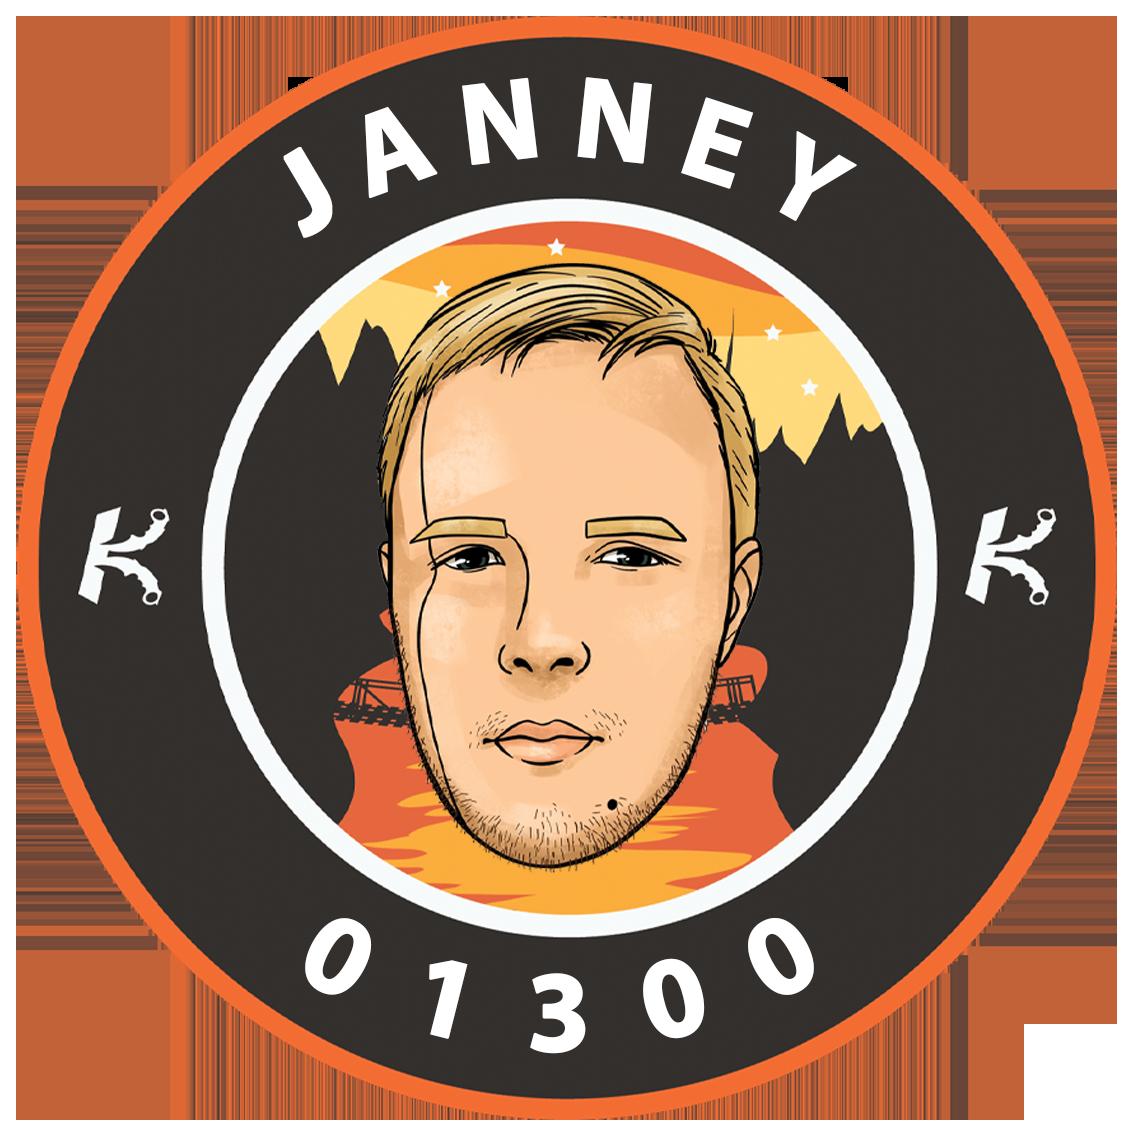 janney kuusamogg stream team profiilikuva